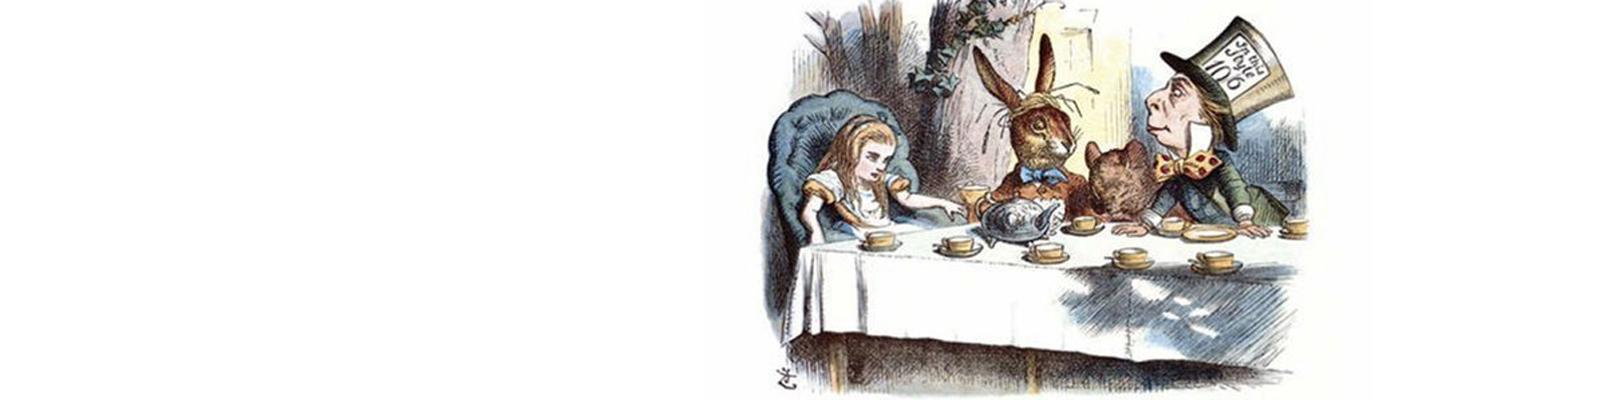 John Tenniel illustriert Alice im Wunderland 1865. Das Bild zeigt Alice bei der Teegesellschaft.